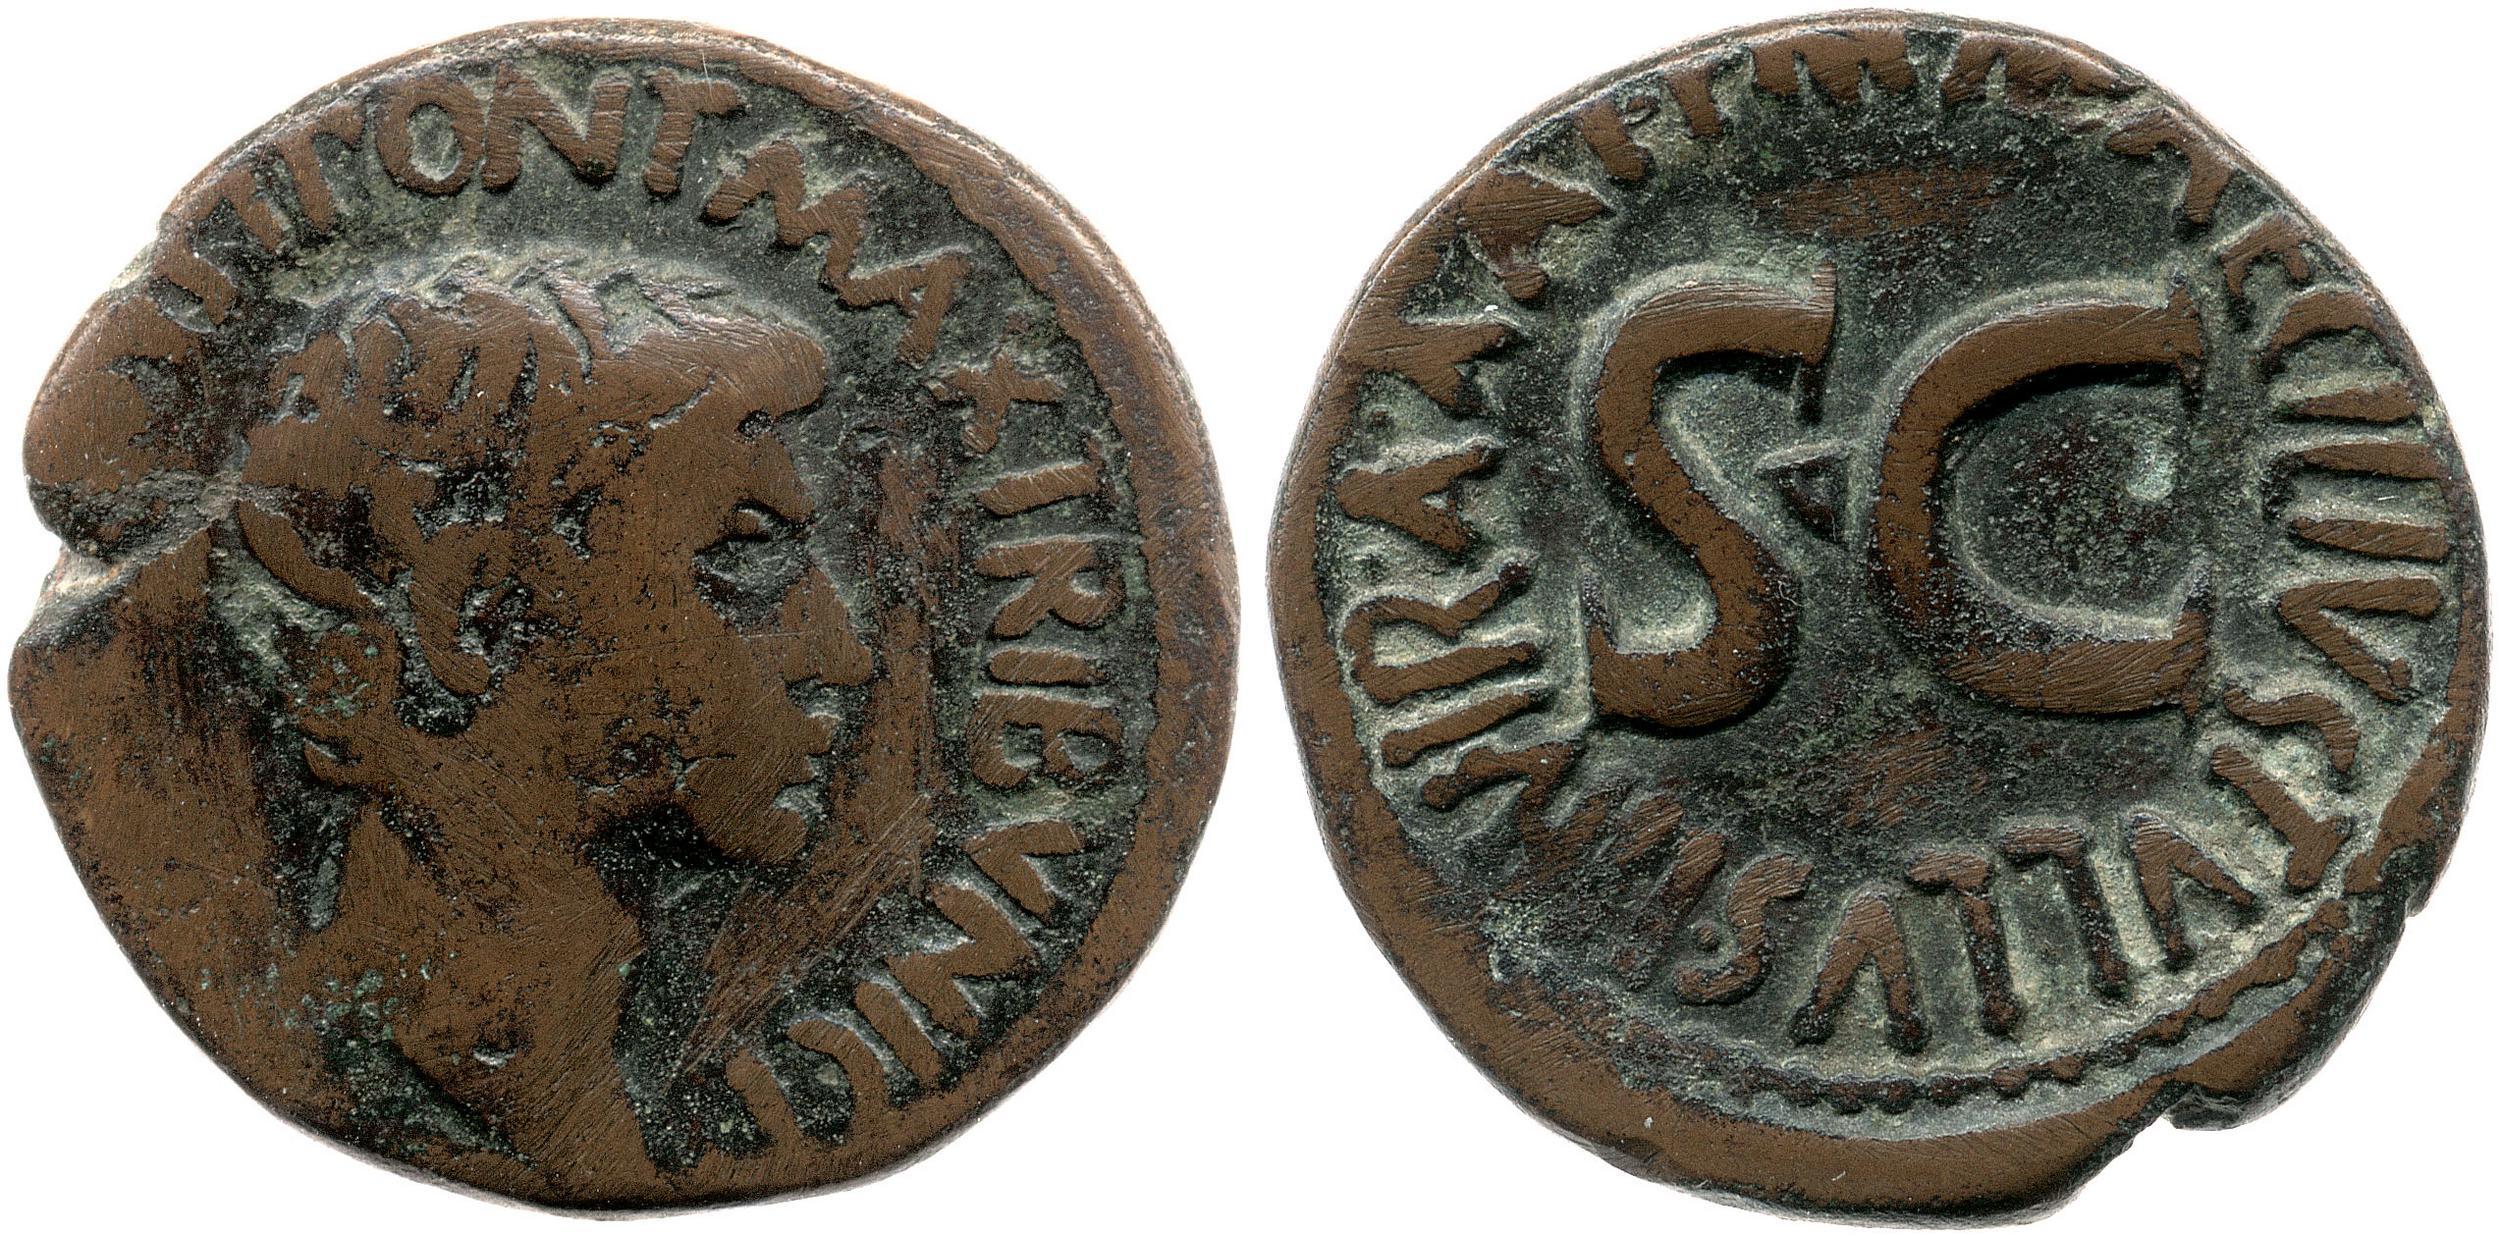 2171AU – As Auguste – M. Maecilius Tullus